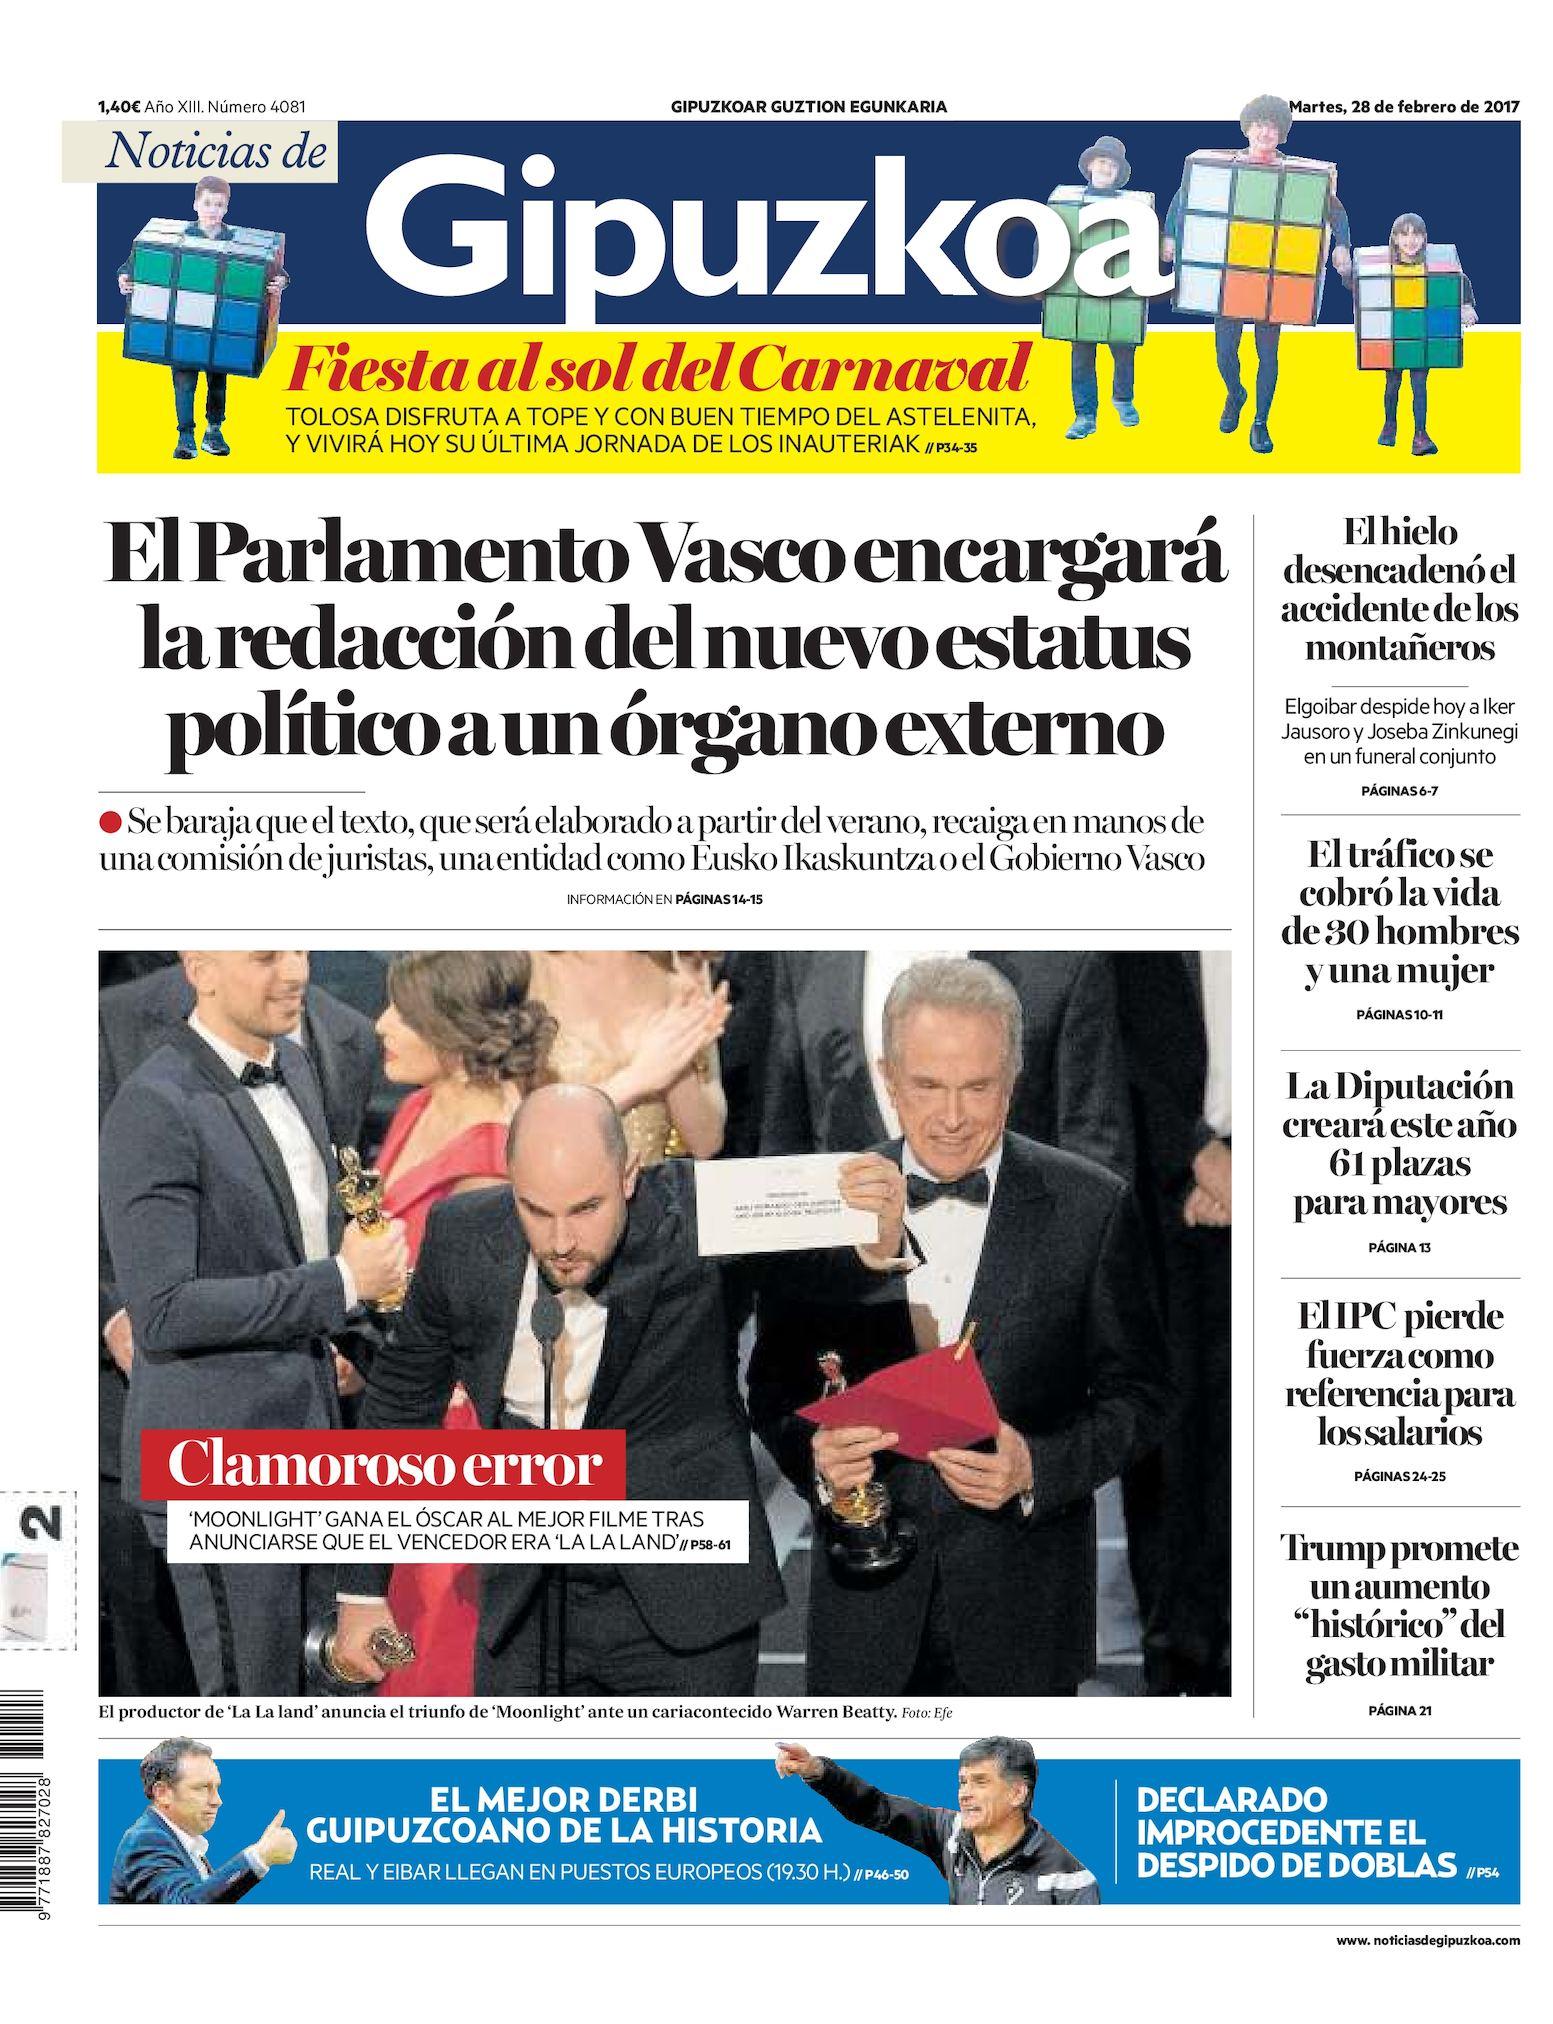 dd38fa39e895 Calaméo - Noticias de Gipuzkoa 20170228